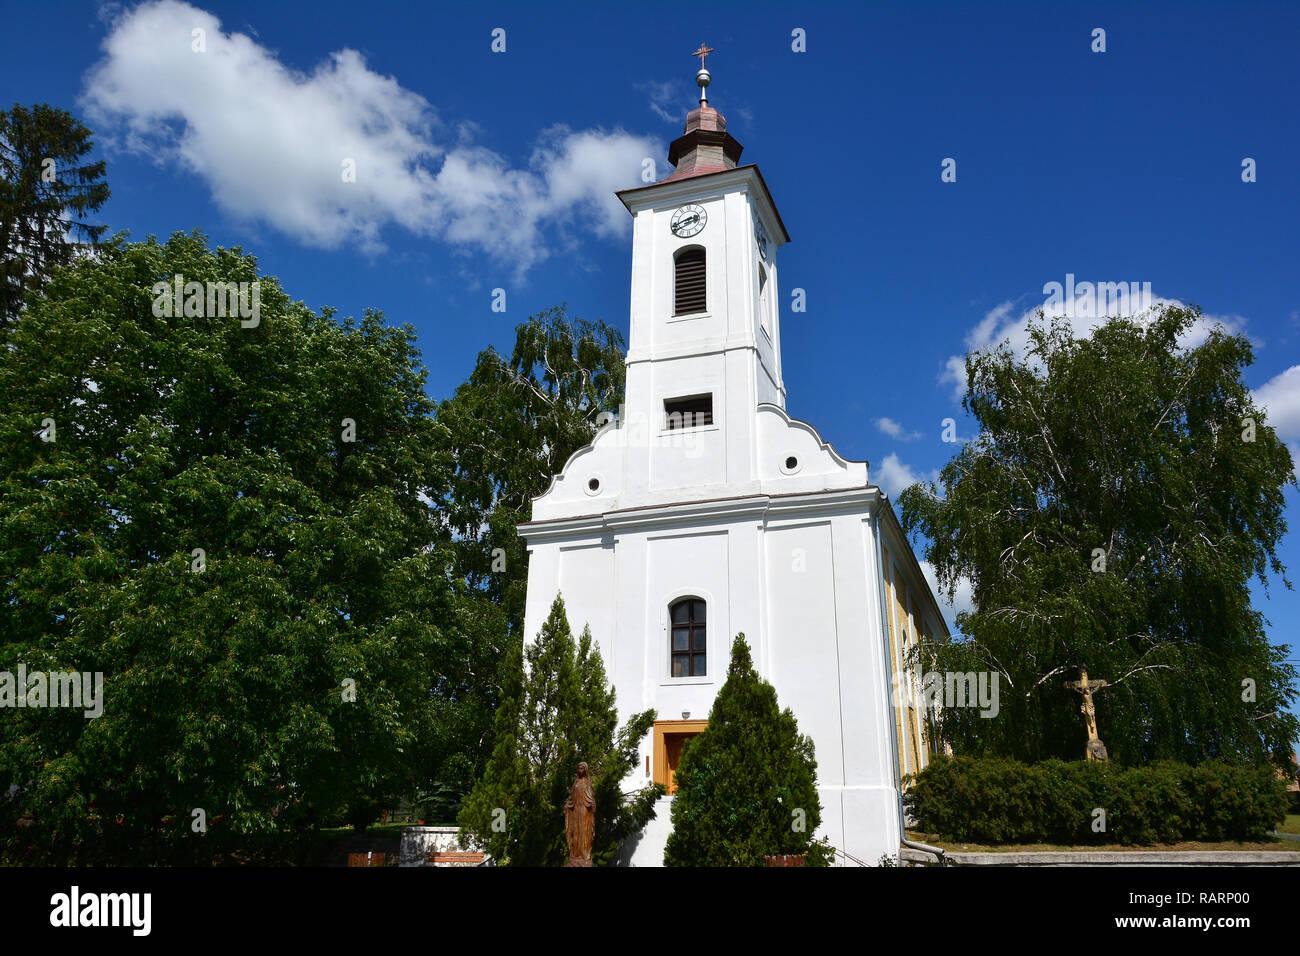 Assumption Roman Catholic Church in Buzsák. Nagyboldogasszony római katolikus templom Buzsákon. - Stock Image